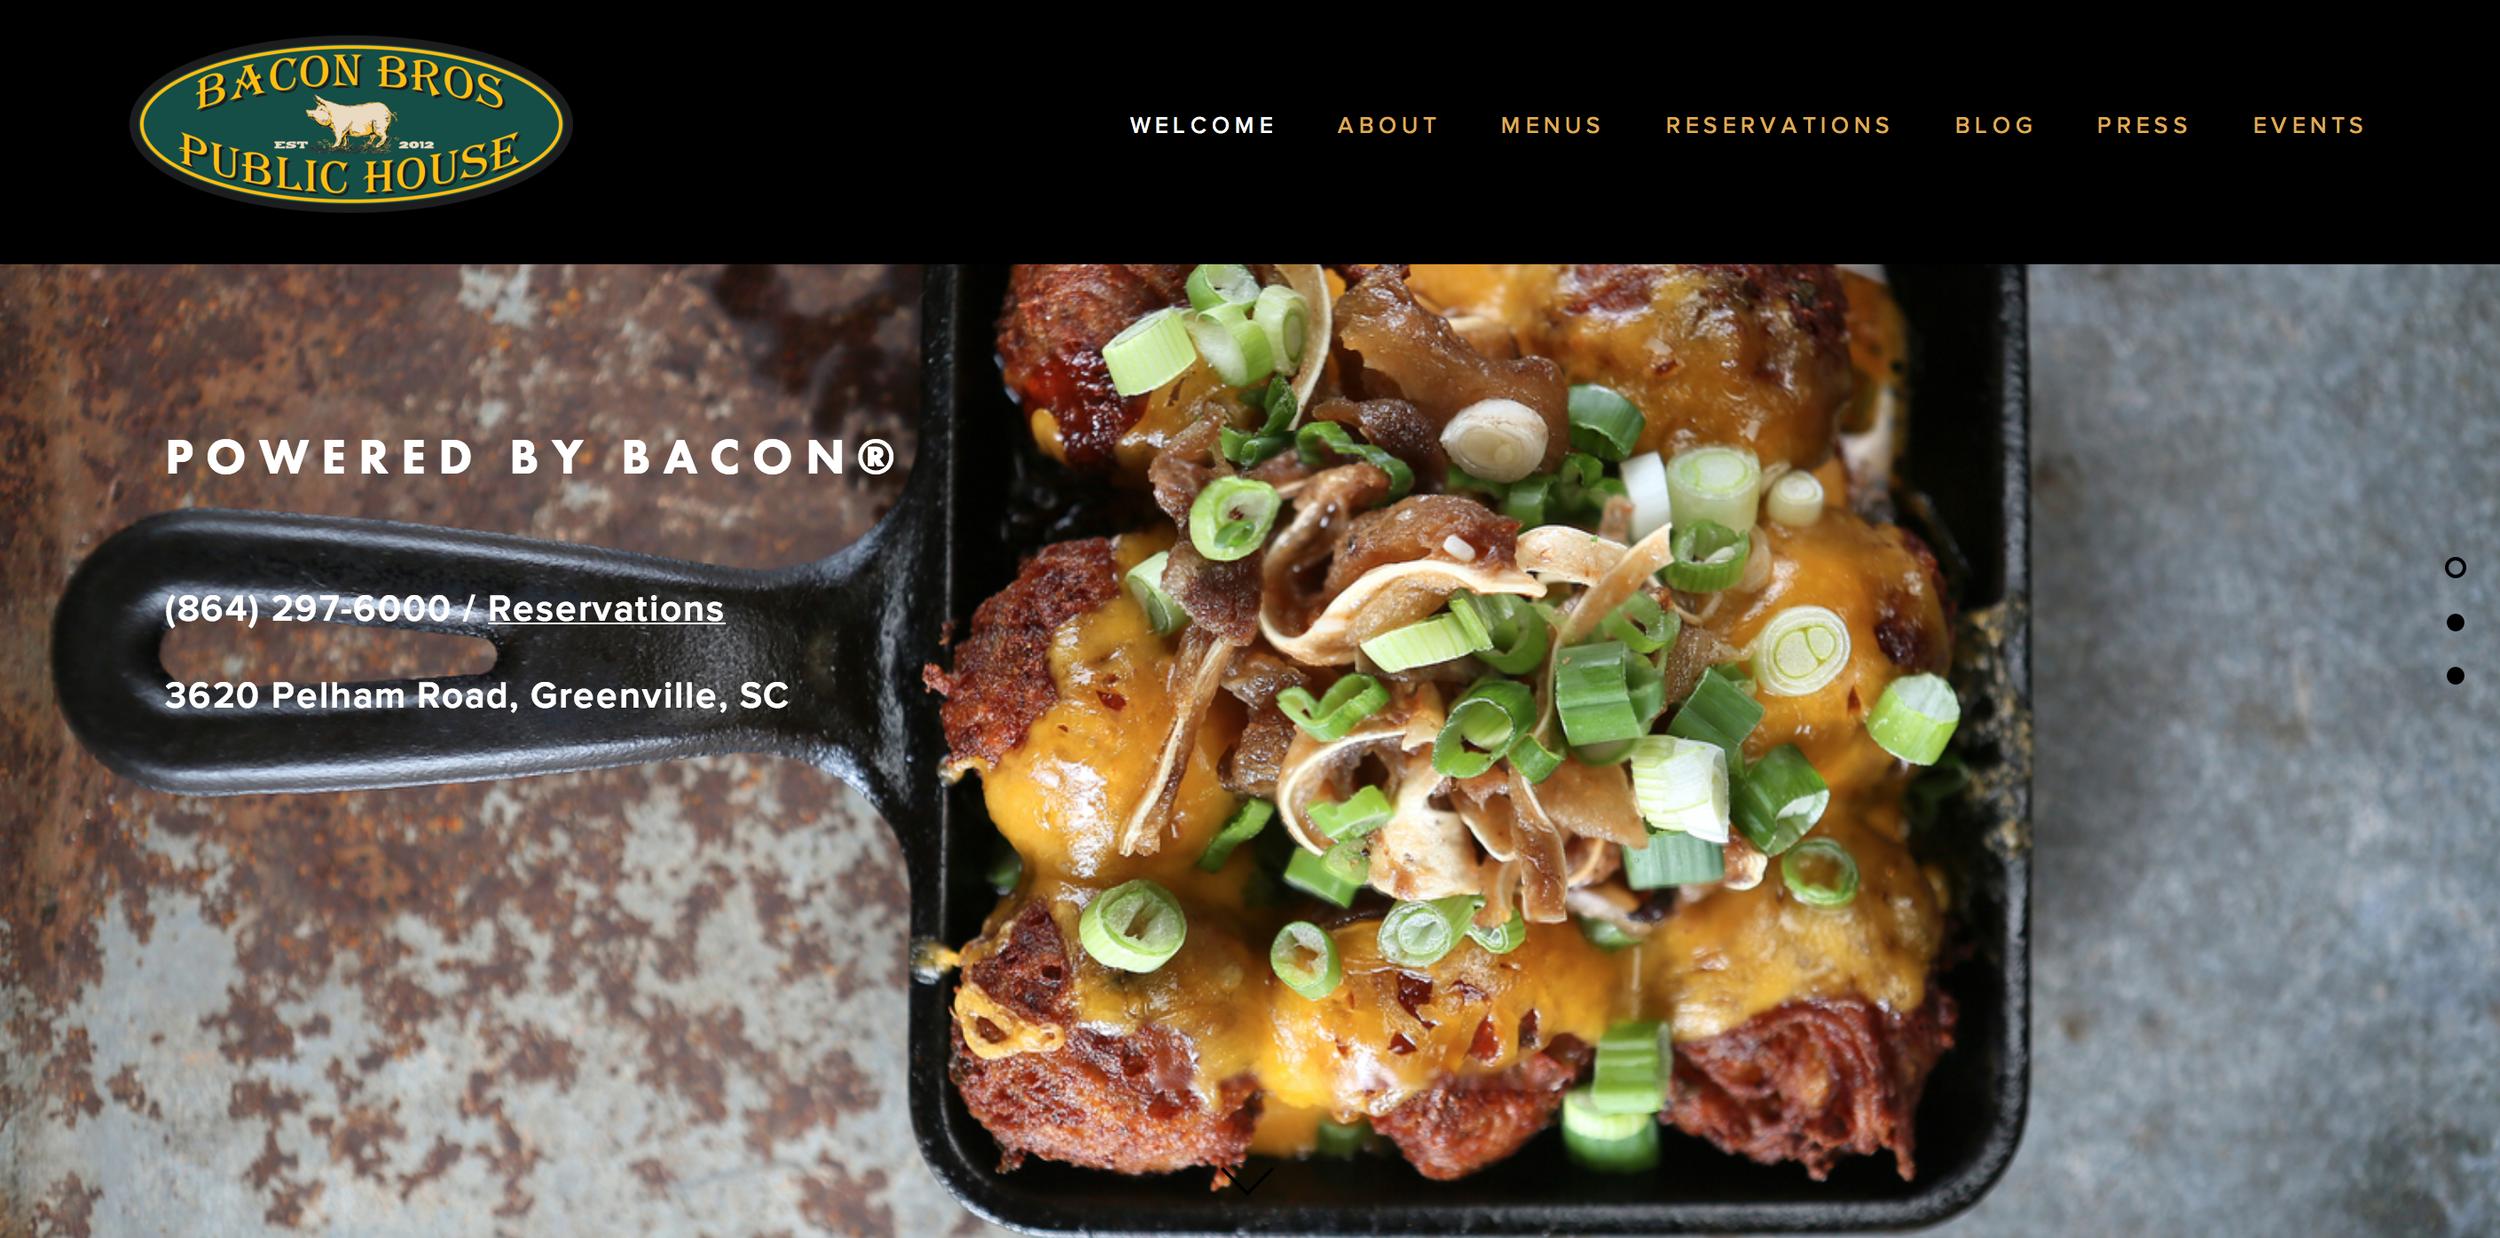 Website design for Bacon Bros. Public House